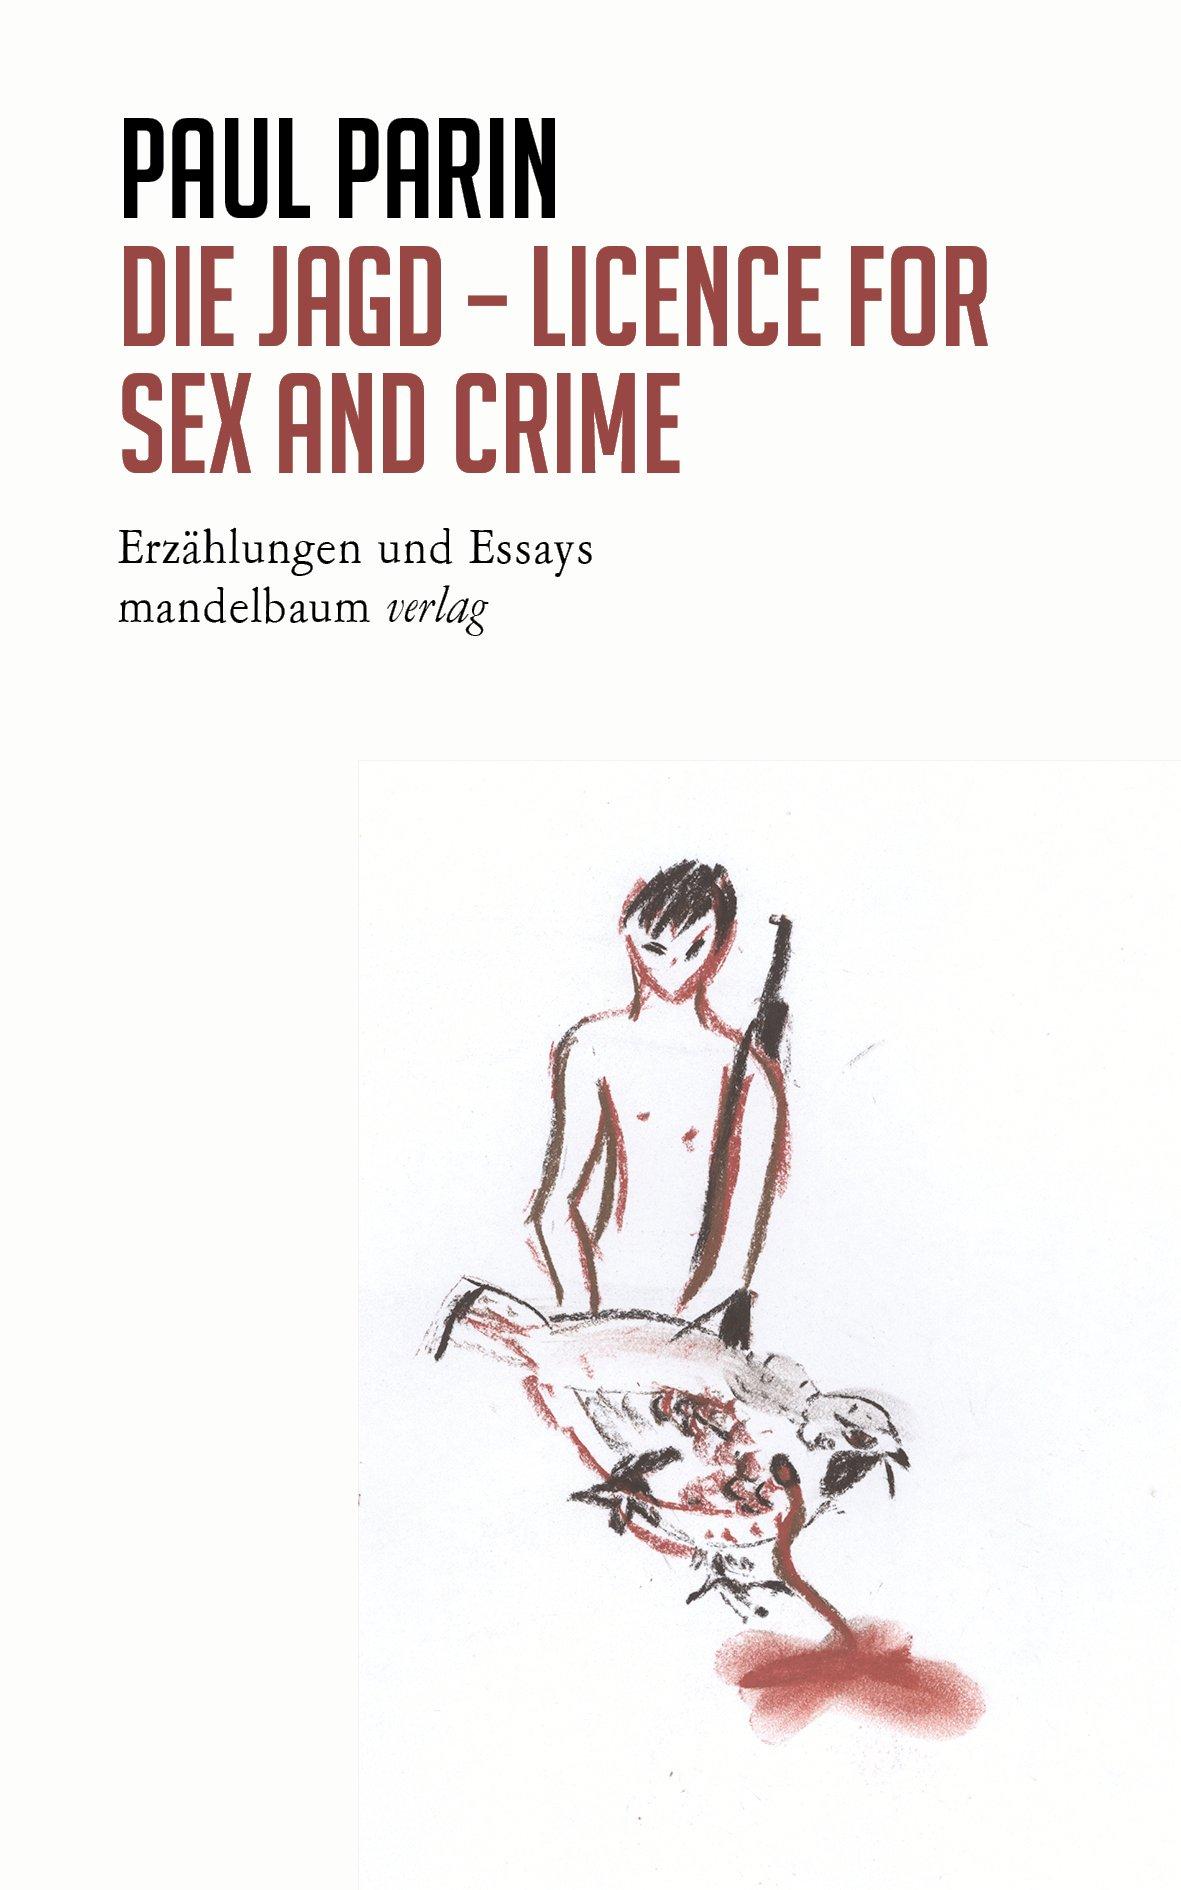 Die Jagd - Licence for Sex and Crime. Erzählungen und Essays